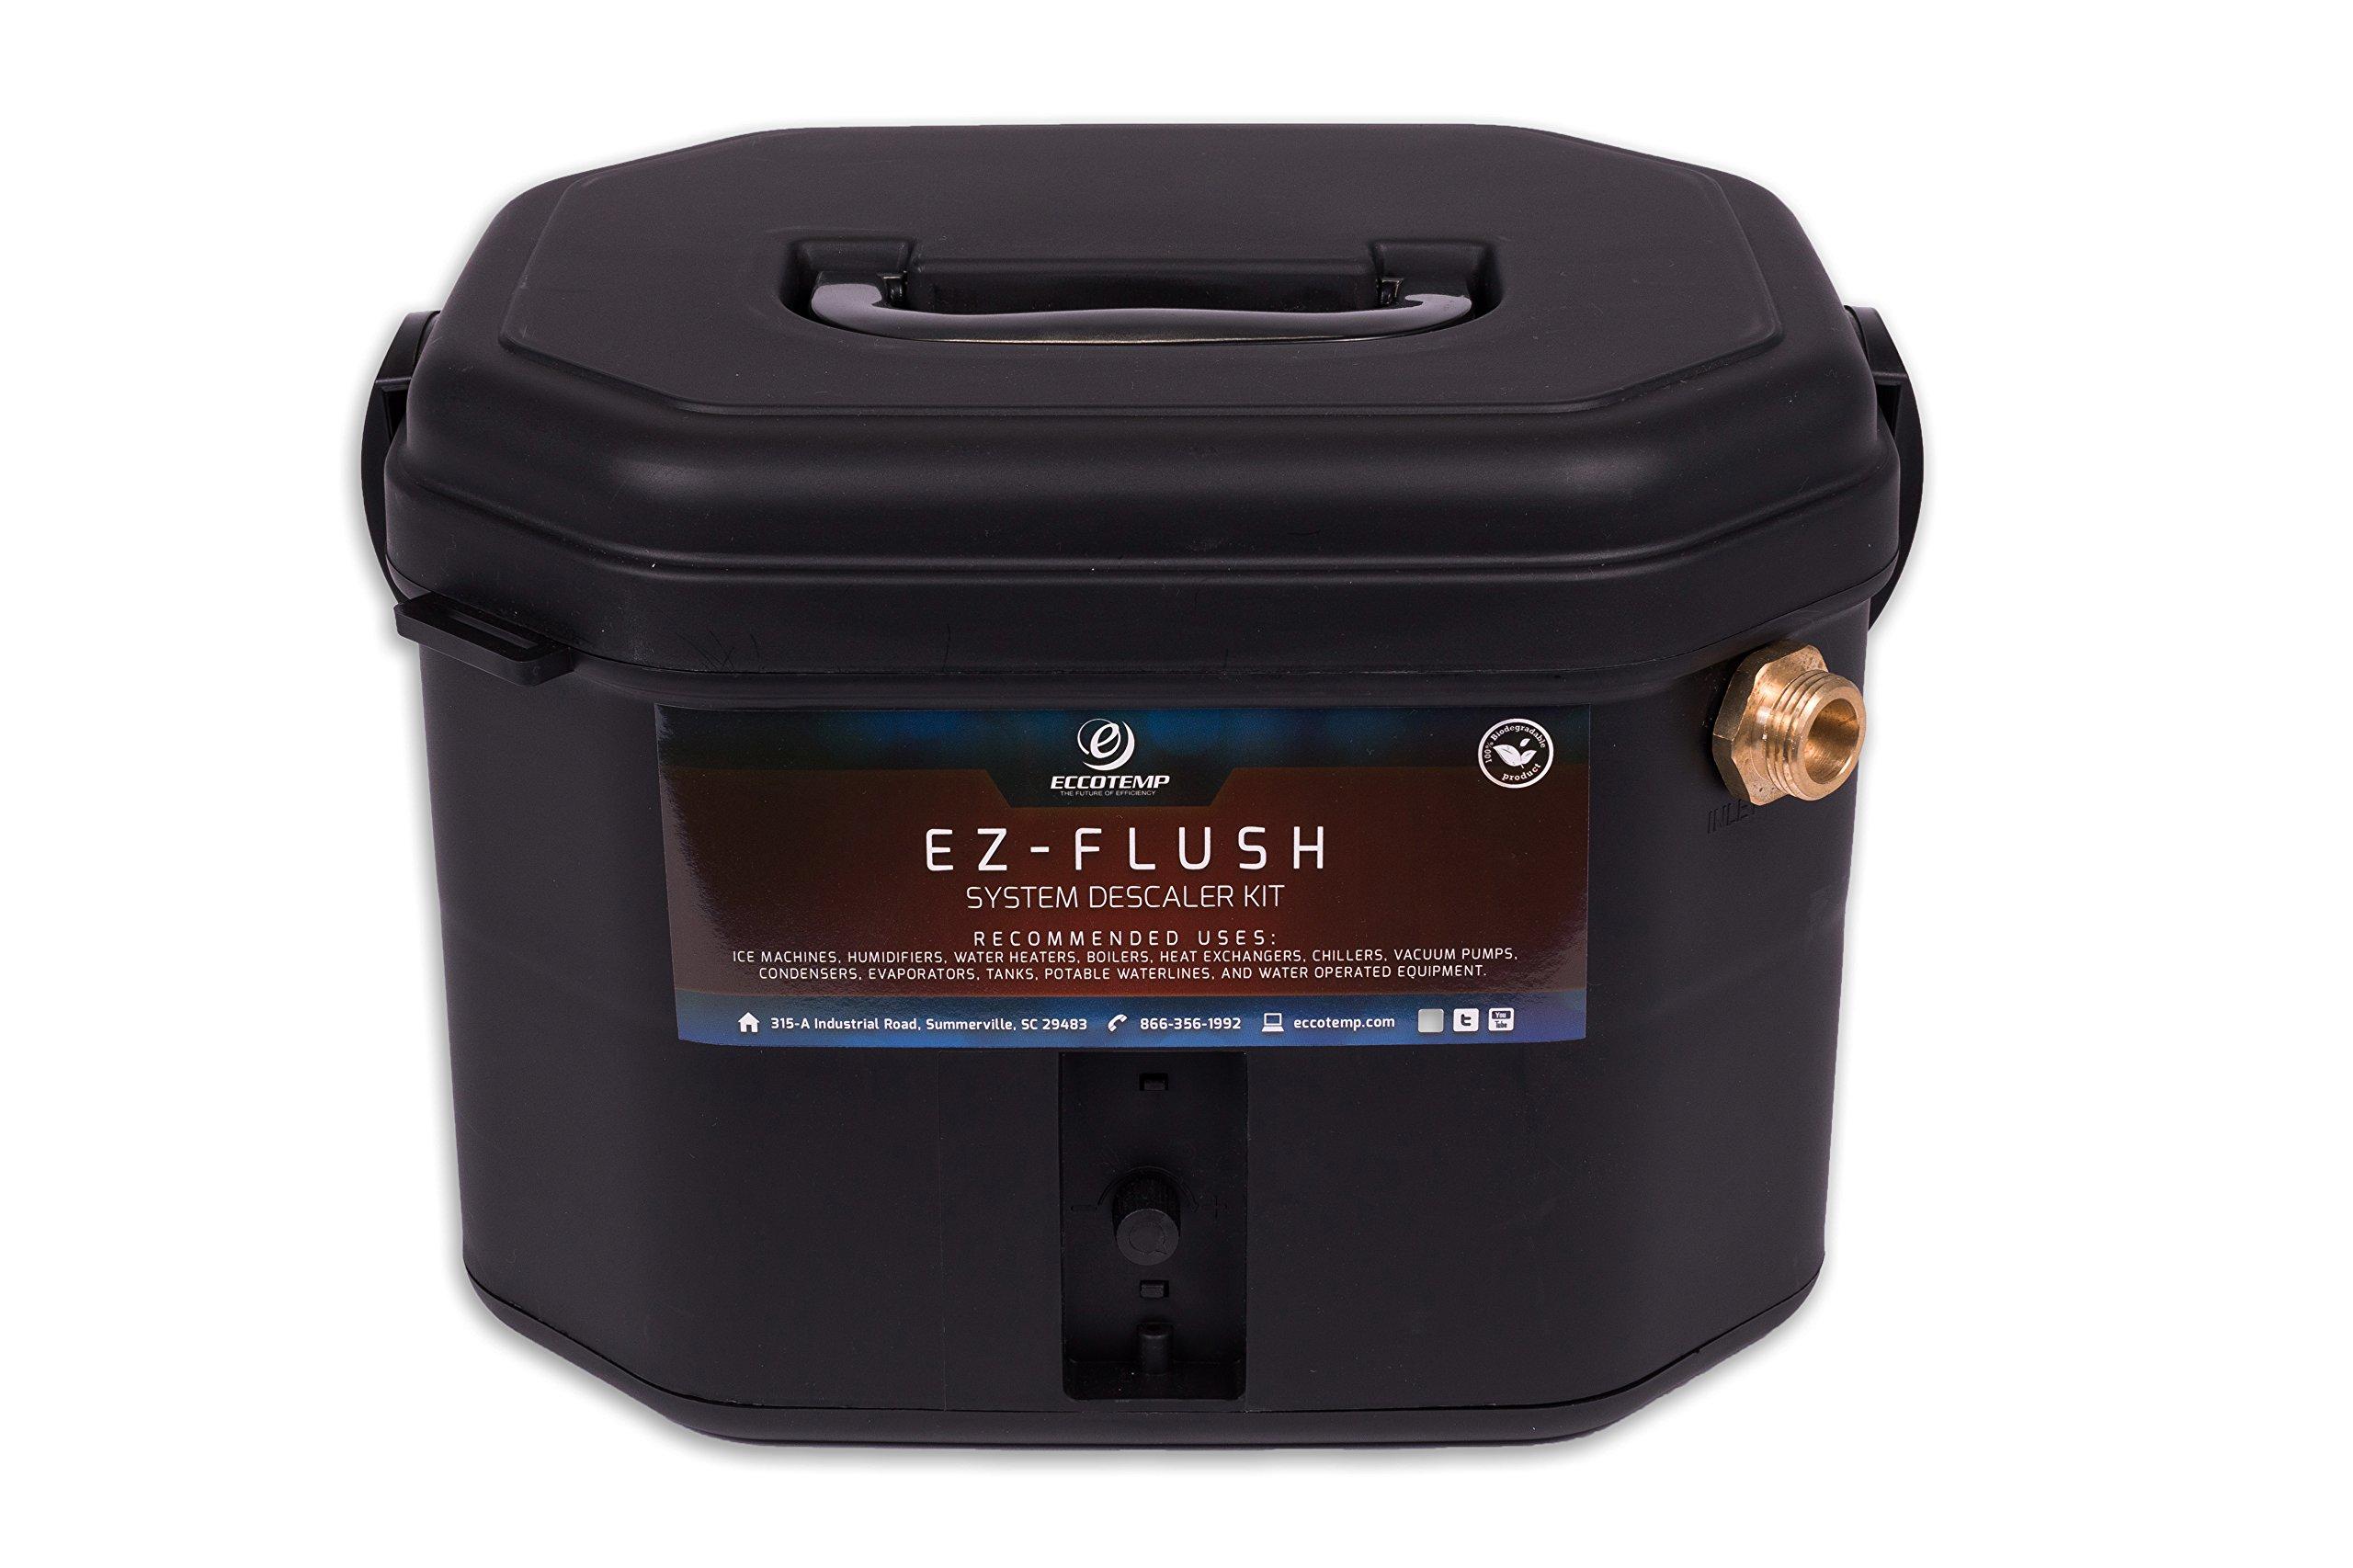 Eccotemp Systems Ezkit Eccotemp EZ-Flush System Descaler Kit, Black